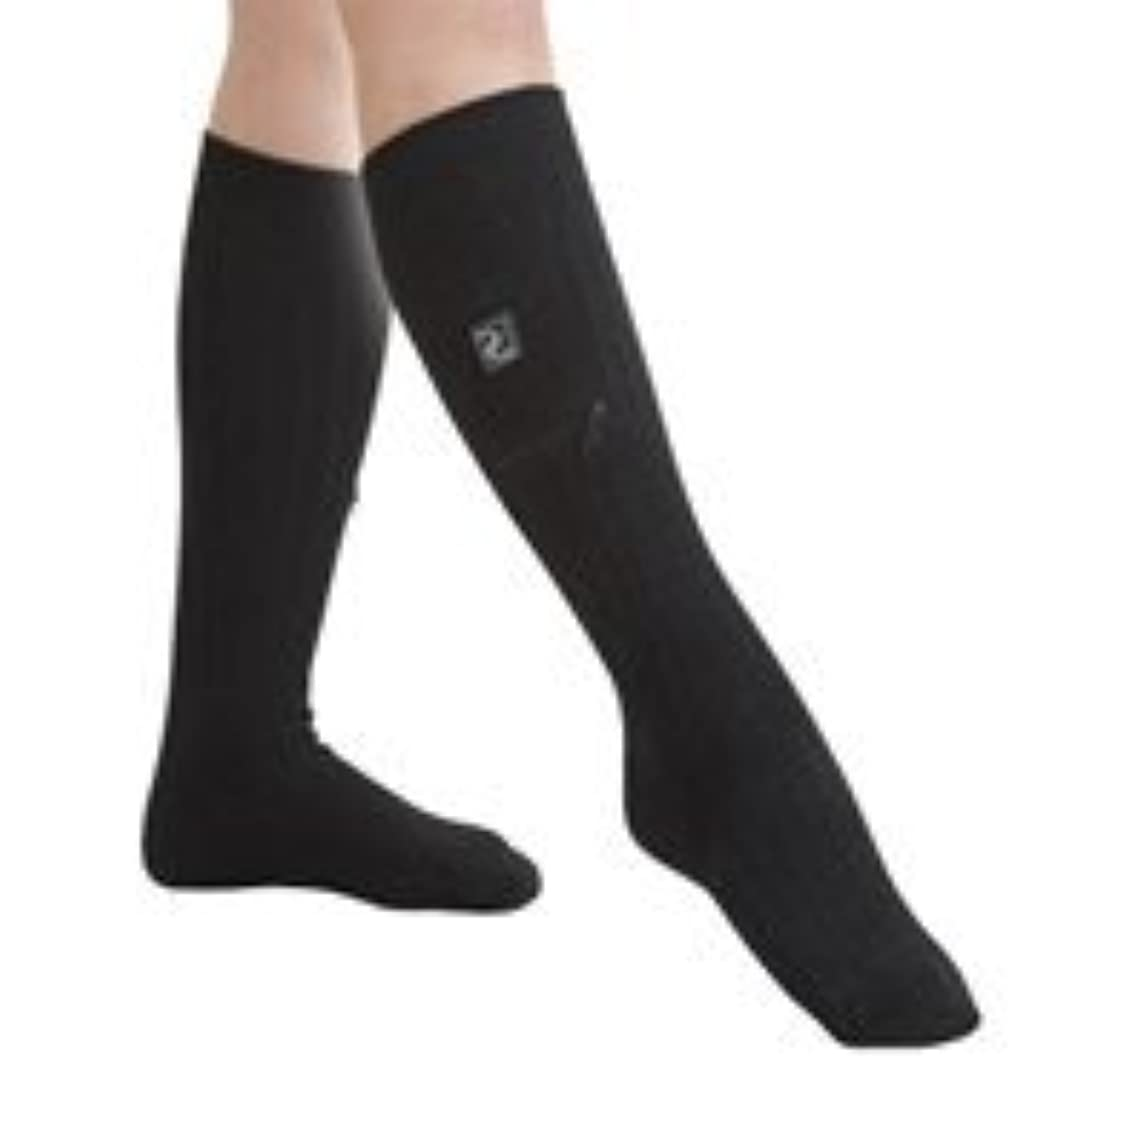 ハンドブック恥ずかしさ倫理的充電式カーボンヒーター付靴下『あんよのこたつ』/【サイズ】ML(約25~27cm)